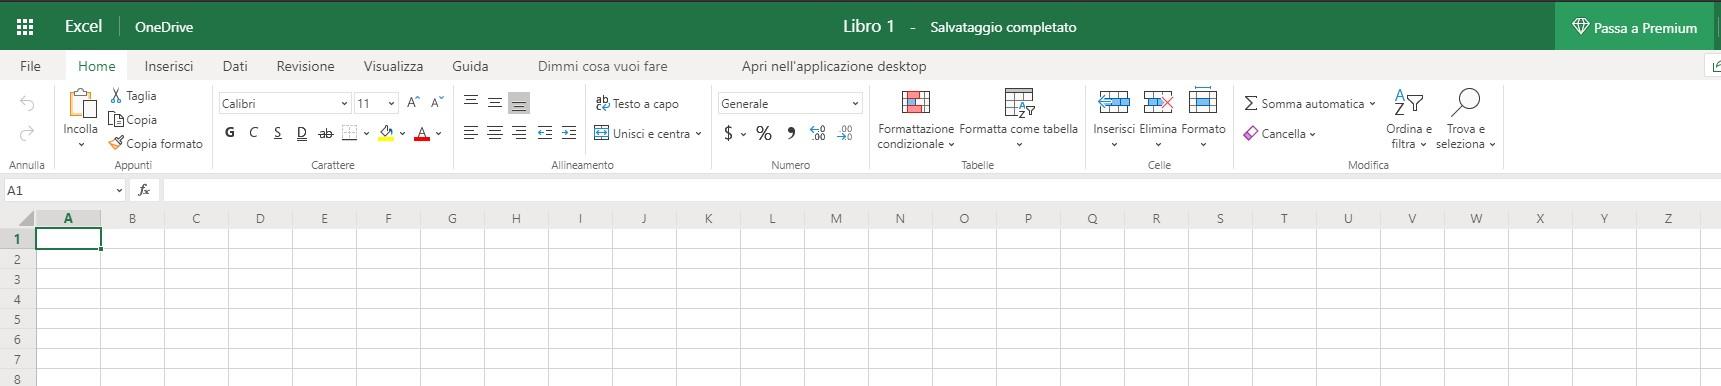 Excel gratuito basato su browser